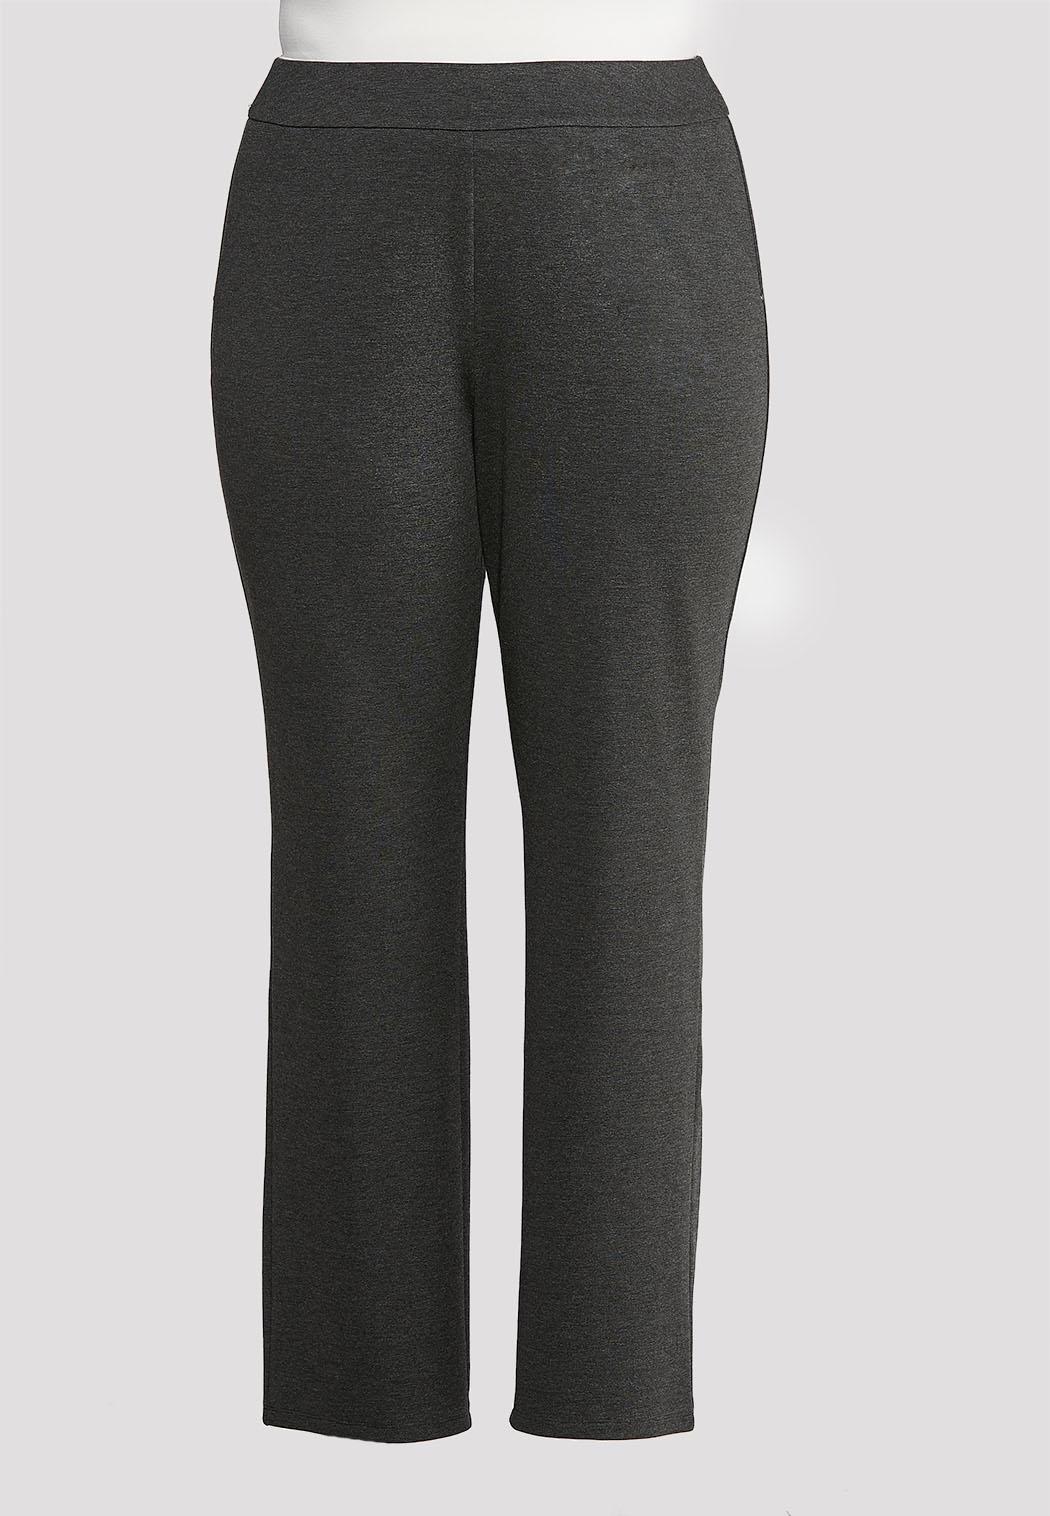 c96bd9e2e9b Women's Plus Size Pants